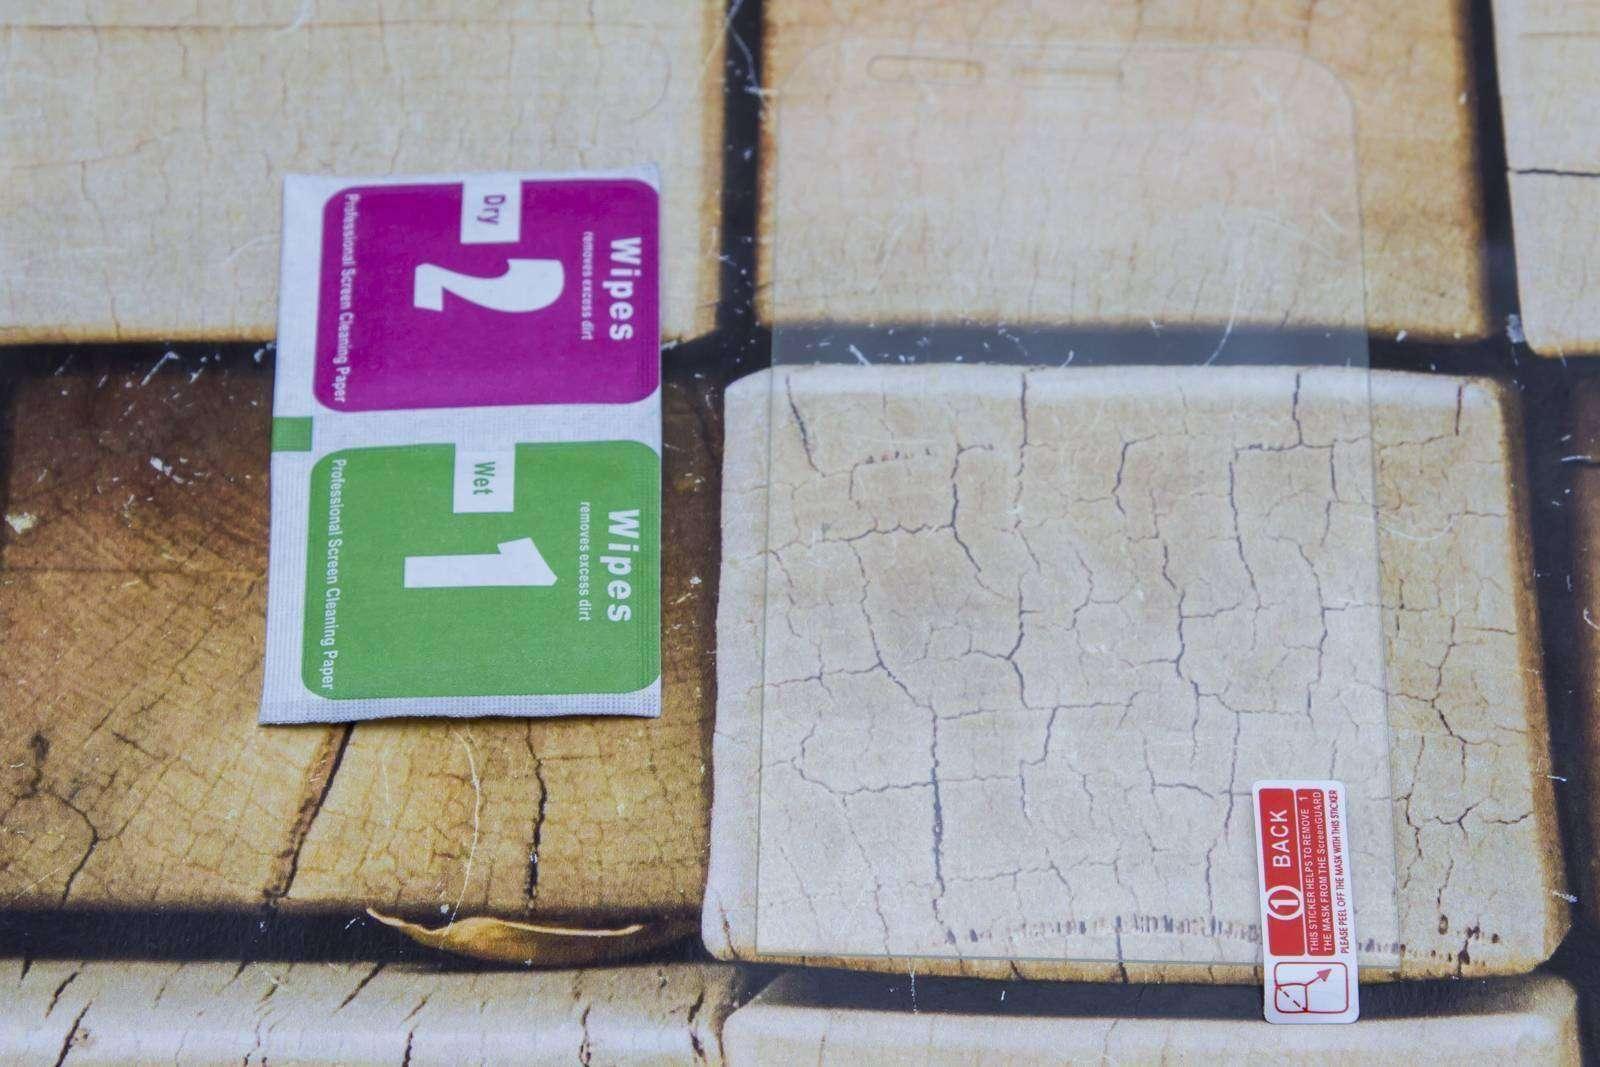 Aliexpress: Небольшой обзор чехлов и защитной пленки для Asus Zenfone 2